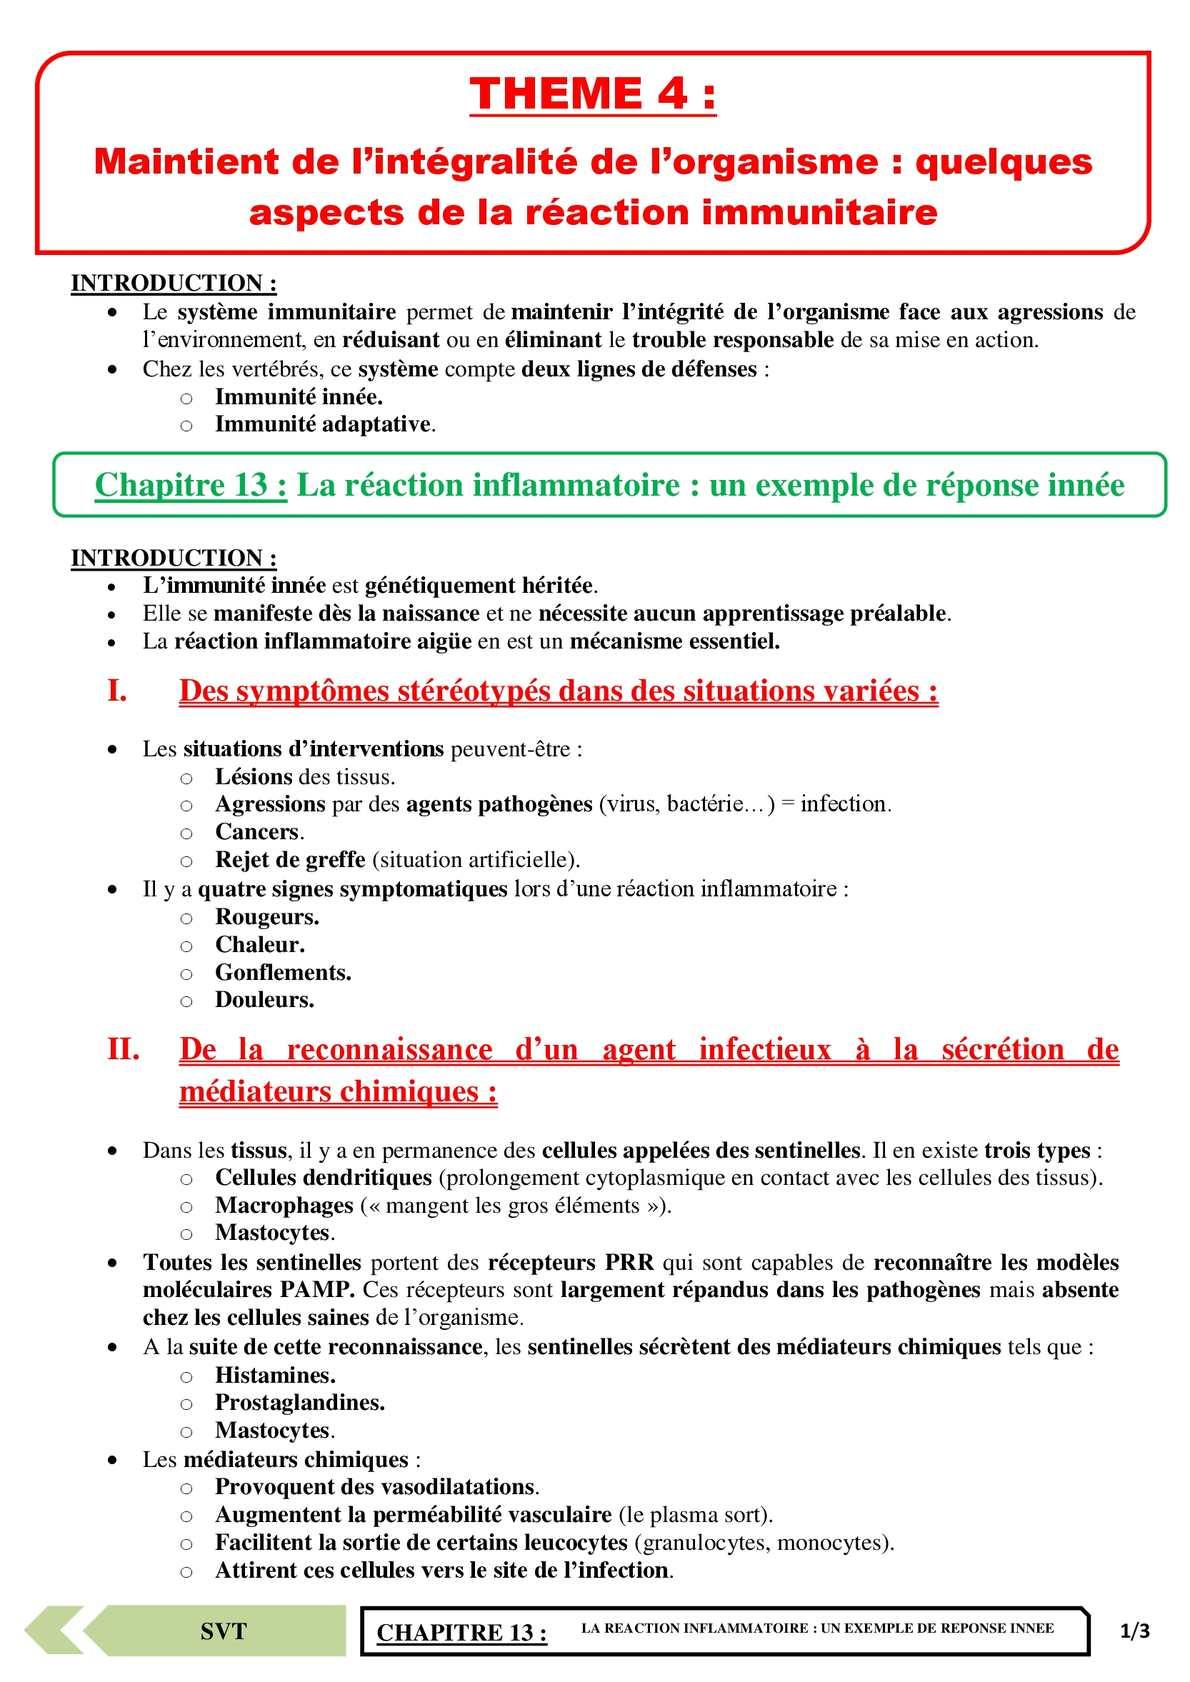 TS - SVT - Chapitre 13 | JéSky.fr